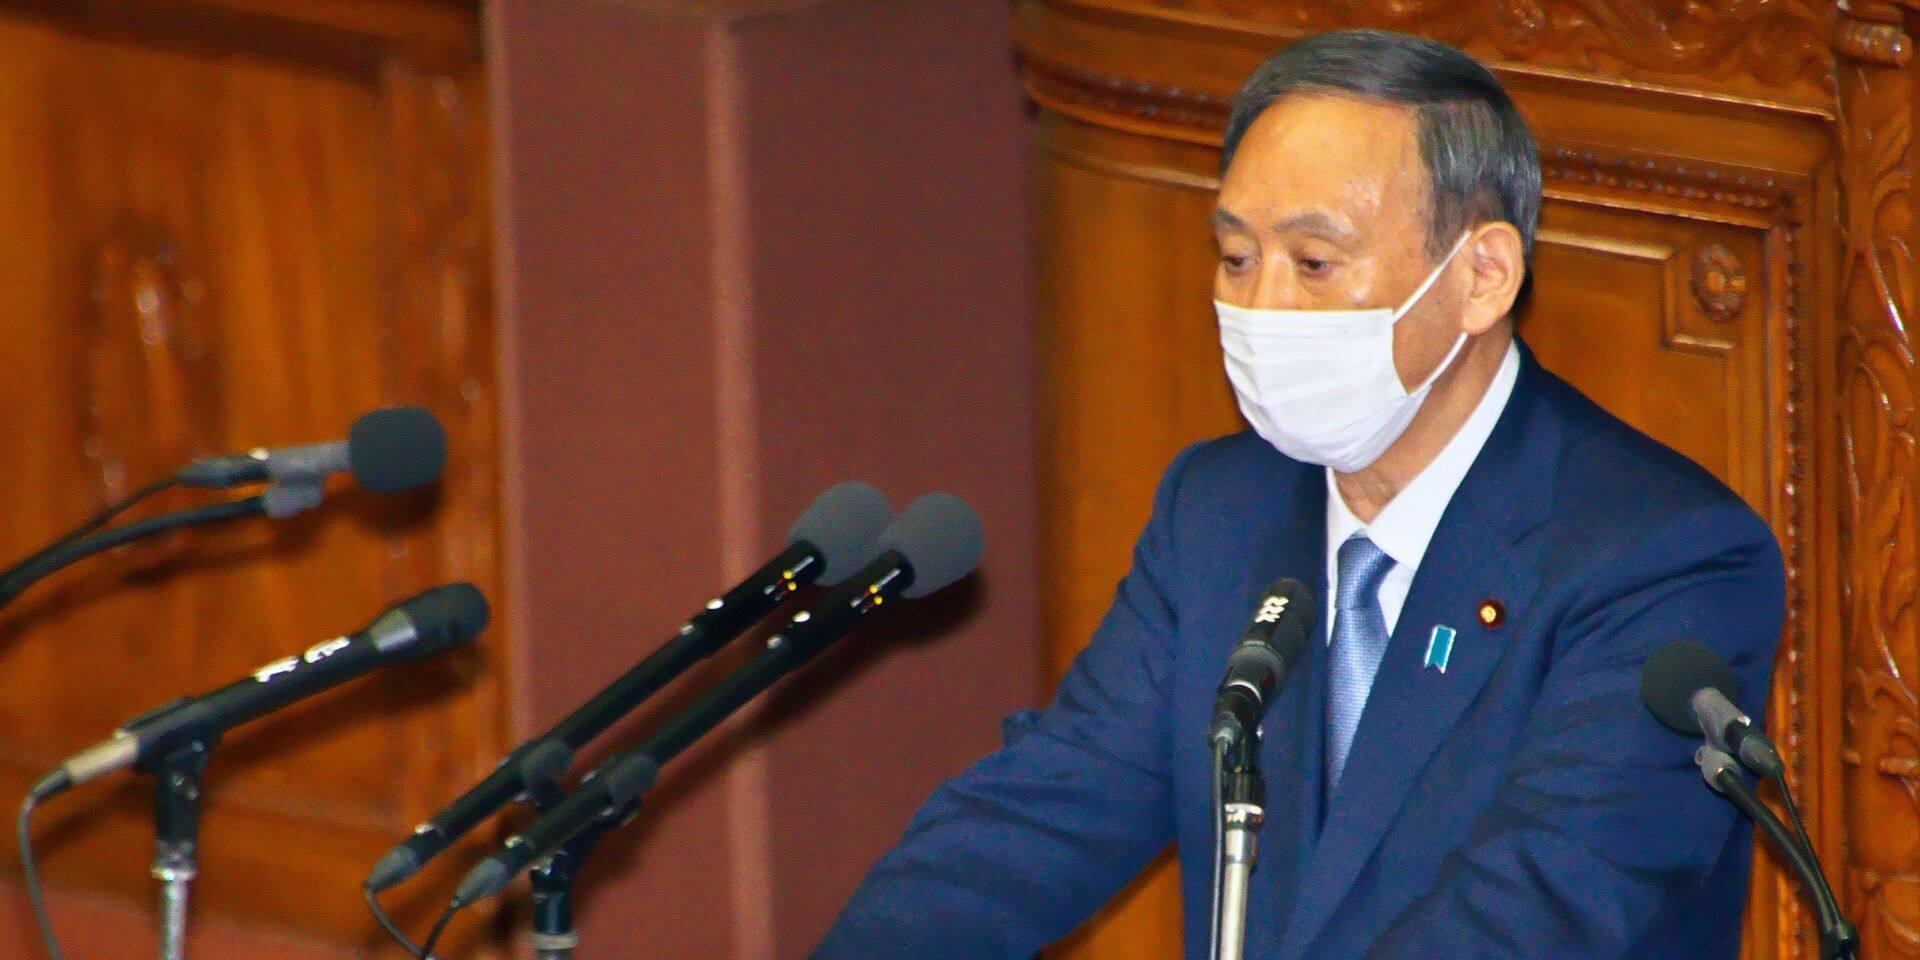 Le Premier ministre japonais Yoshihide Suga vient d'annoncer que son pays voulait atteindre la neutralité carbone pour 2050.